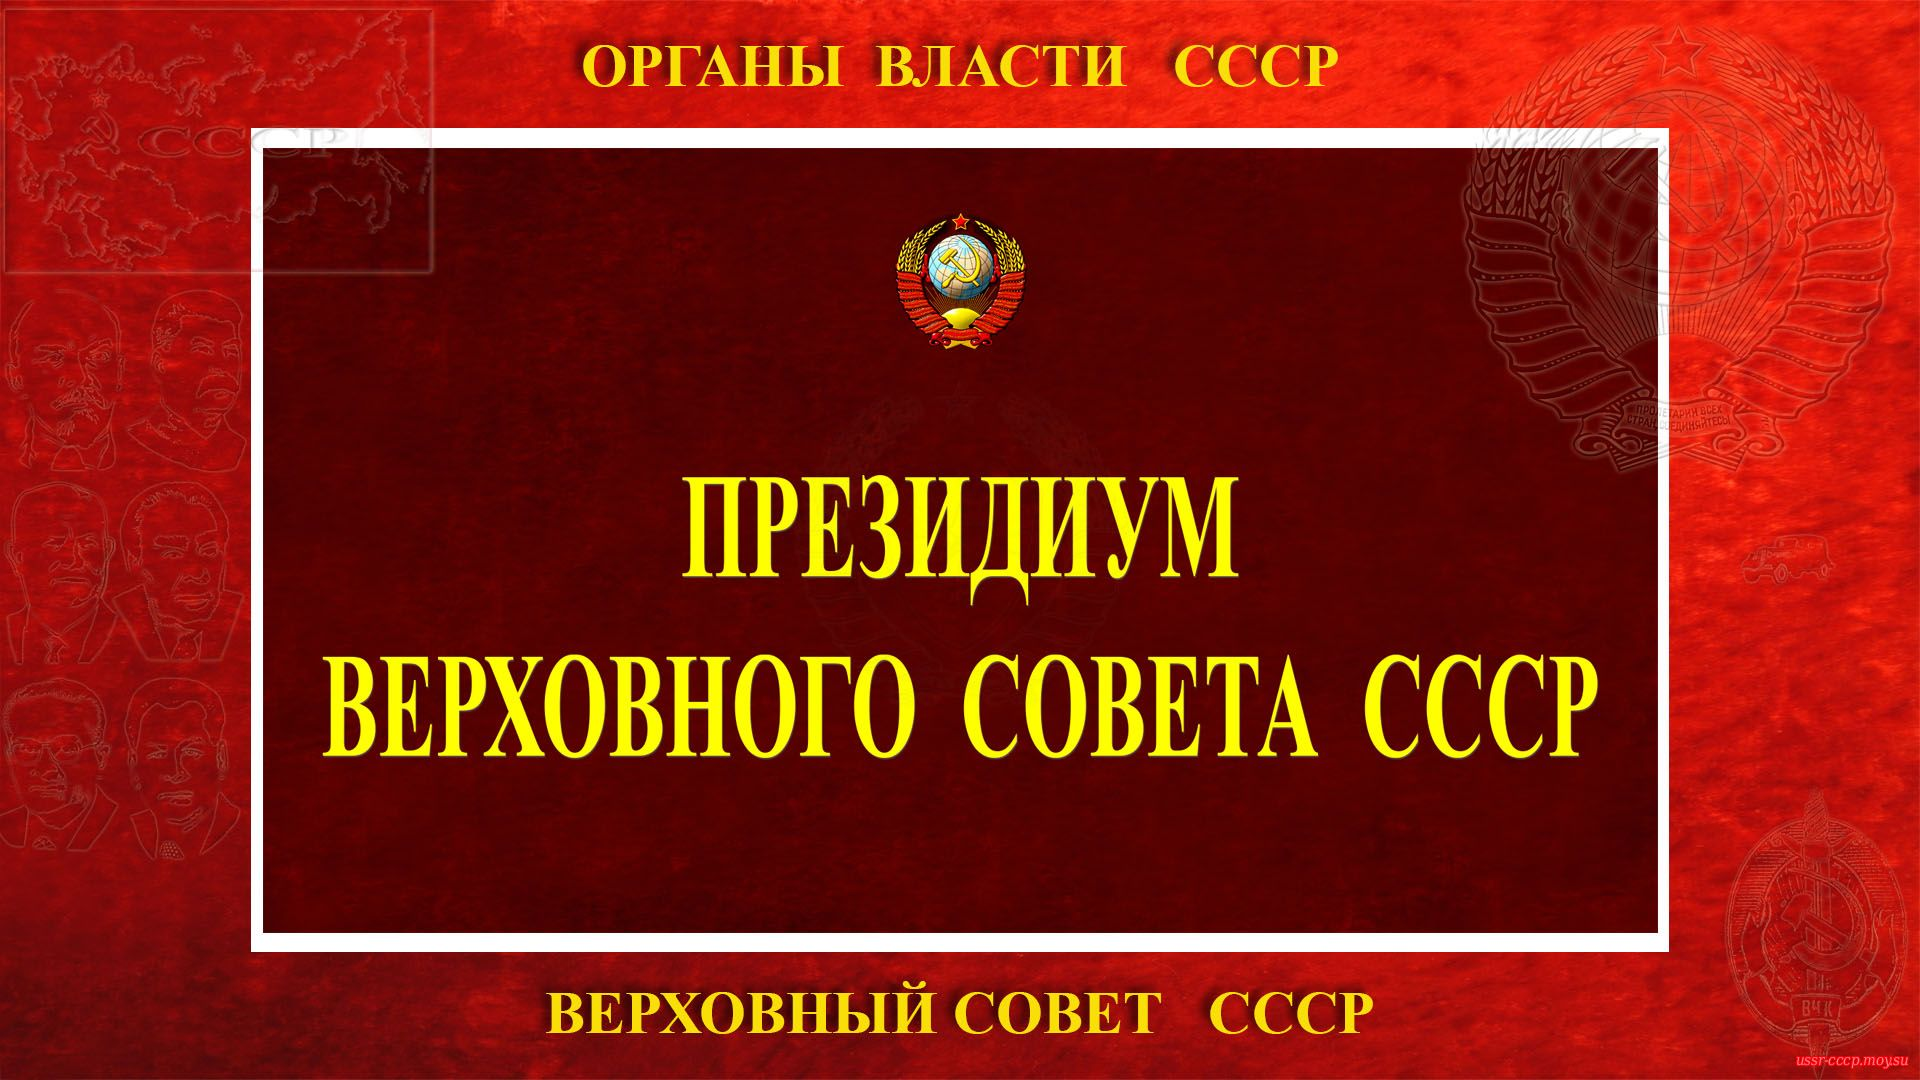 Президиум Верховного Совета СССР (17.01.1938 — 25.12.1991)